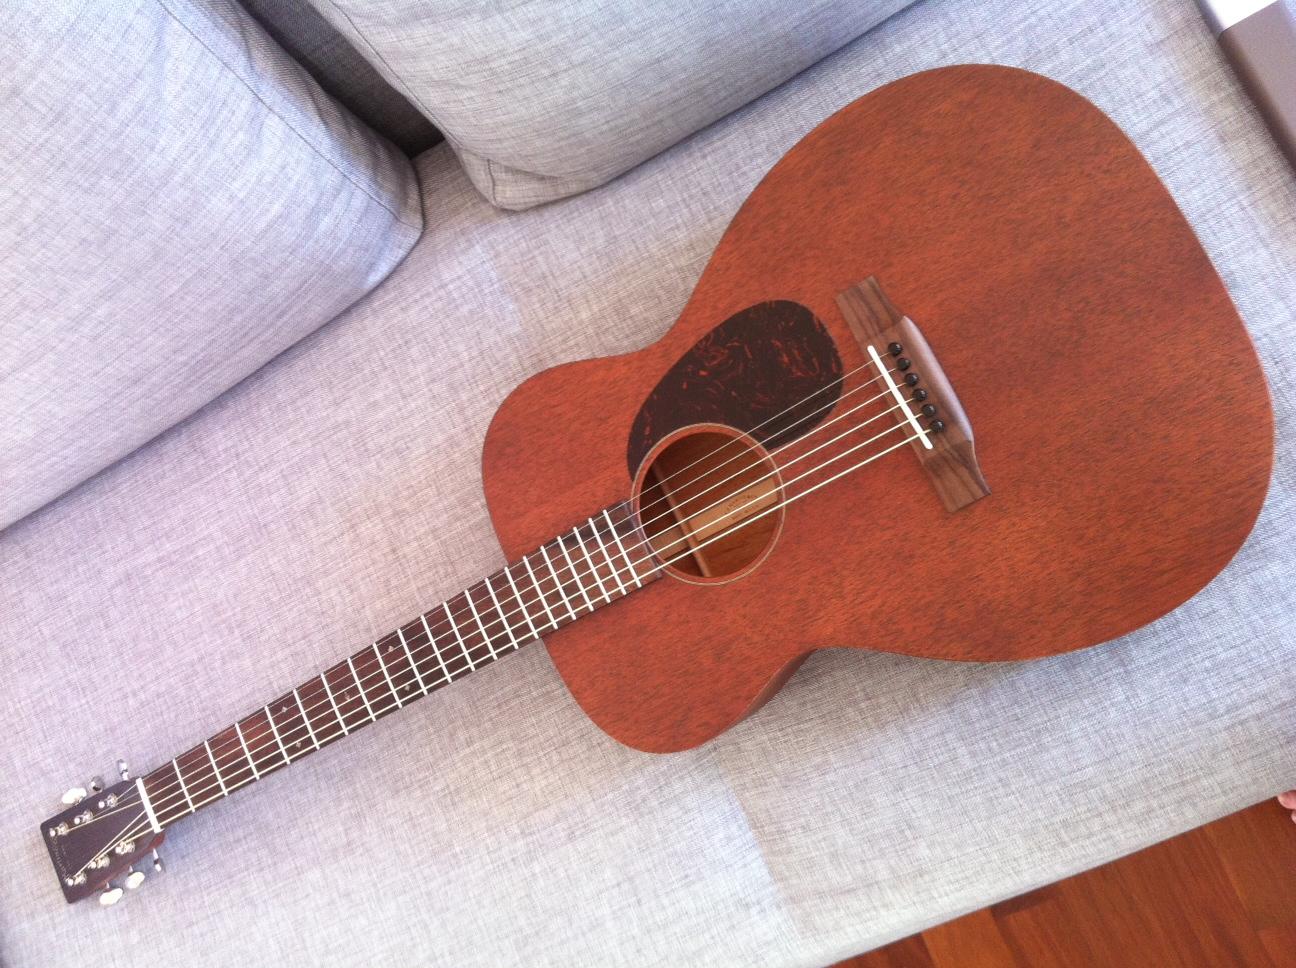 guitare 800 euros